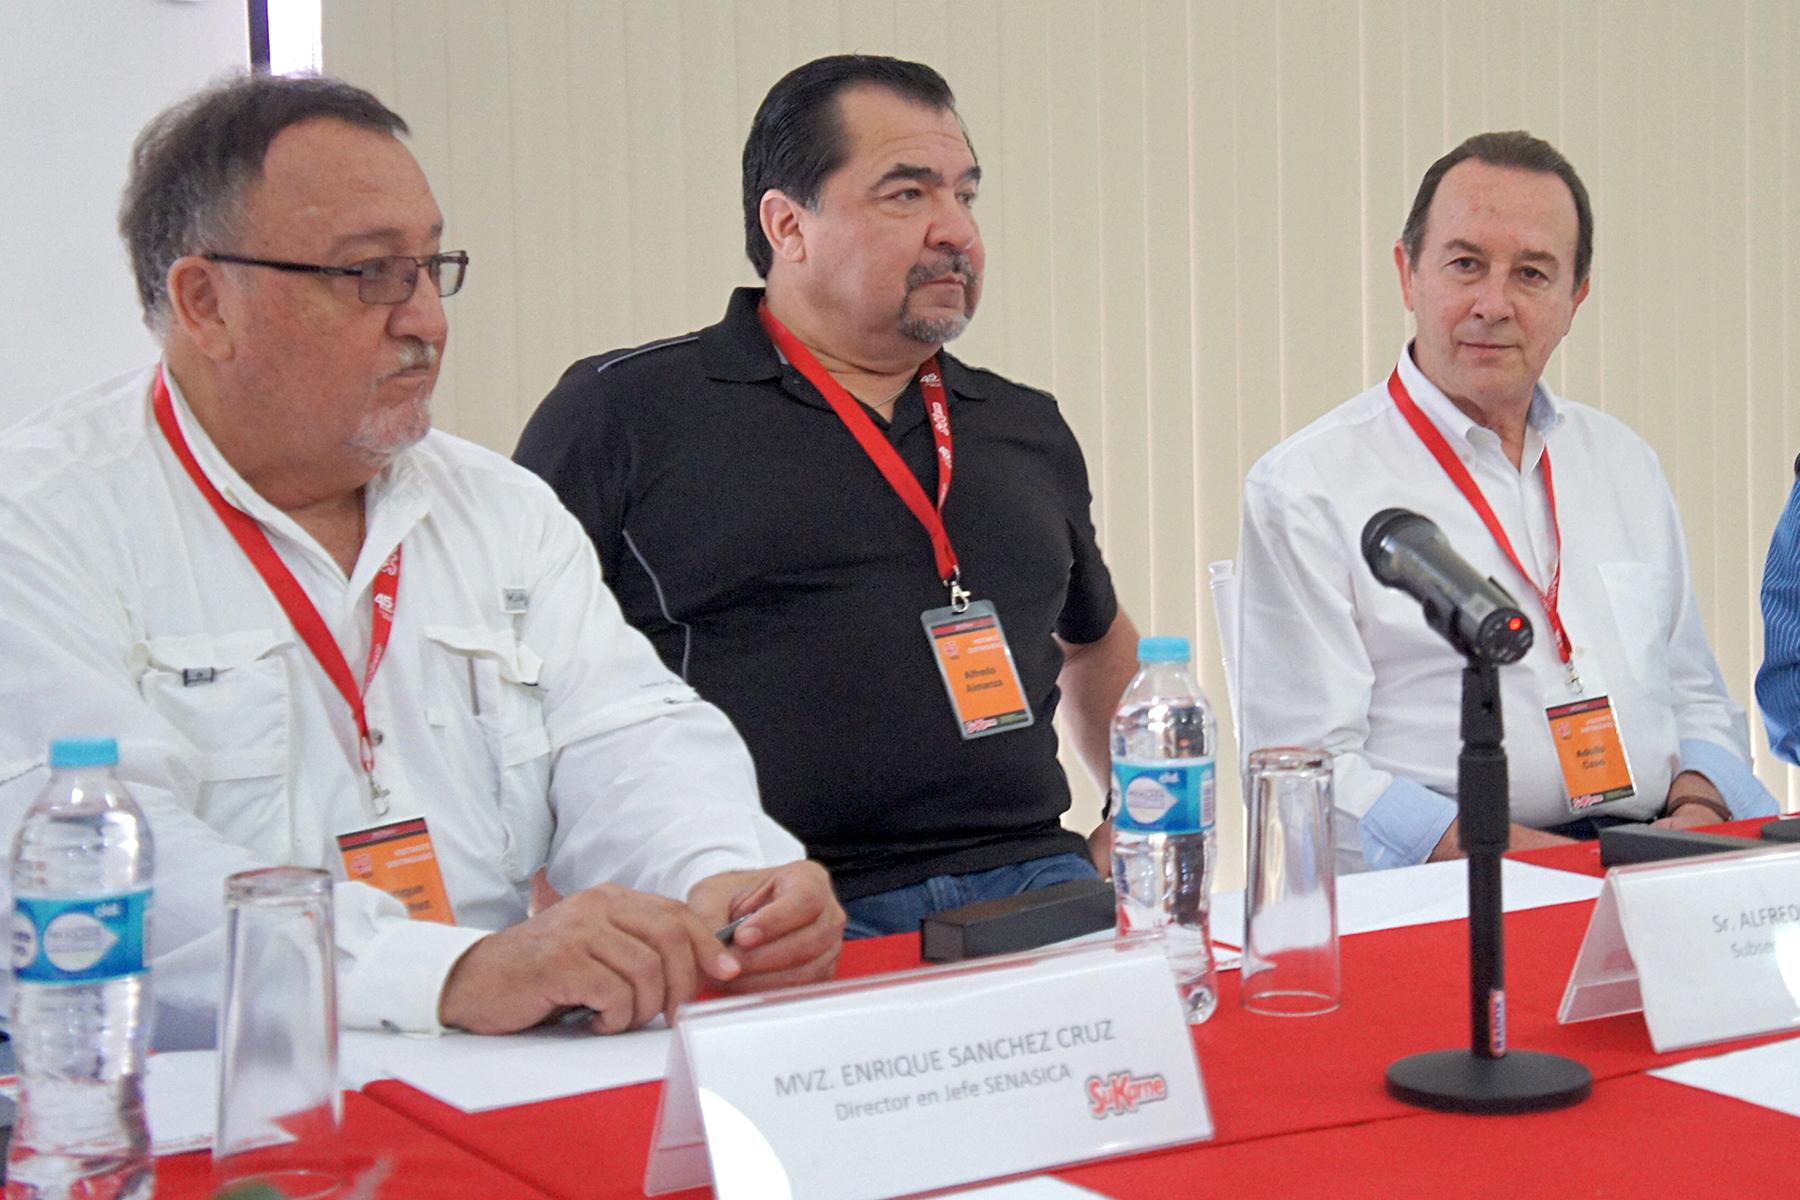 Enrique Sánchez Cruz explicó el trabajo que durante los últimos años ha venido realizando la SAGARPA para ofertar a los consumidores nacionales y al mundo productos de calidad.